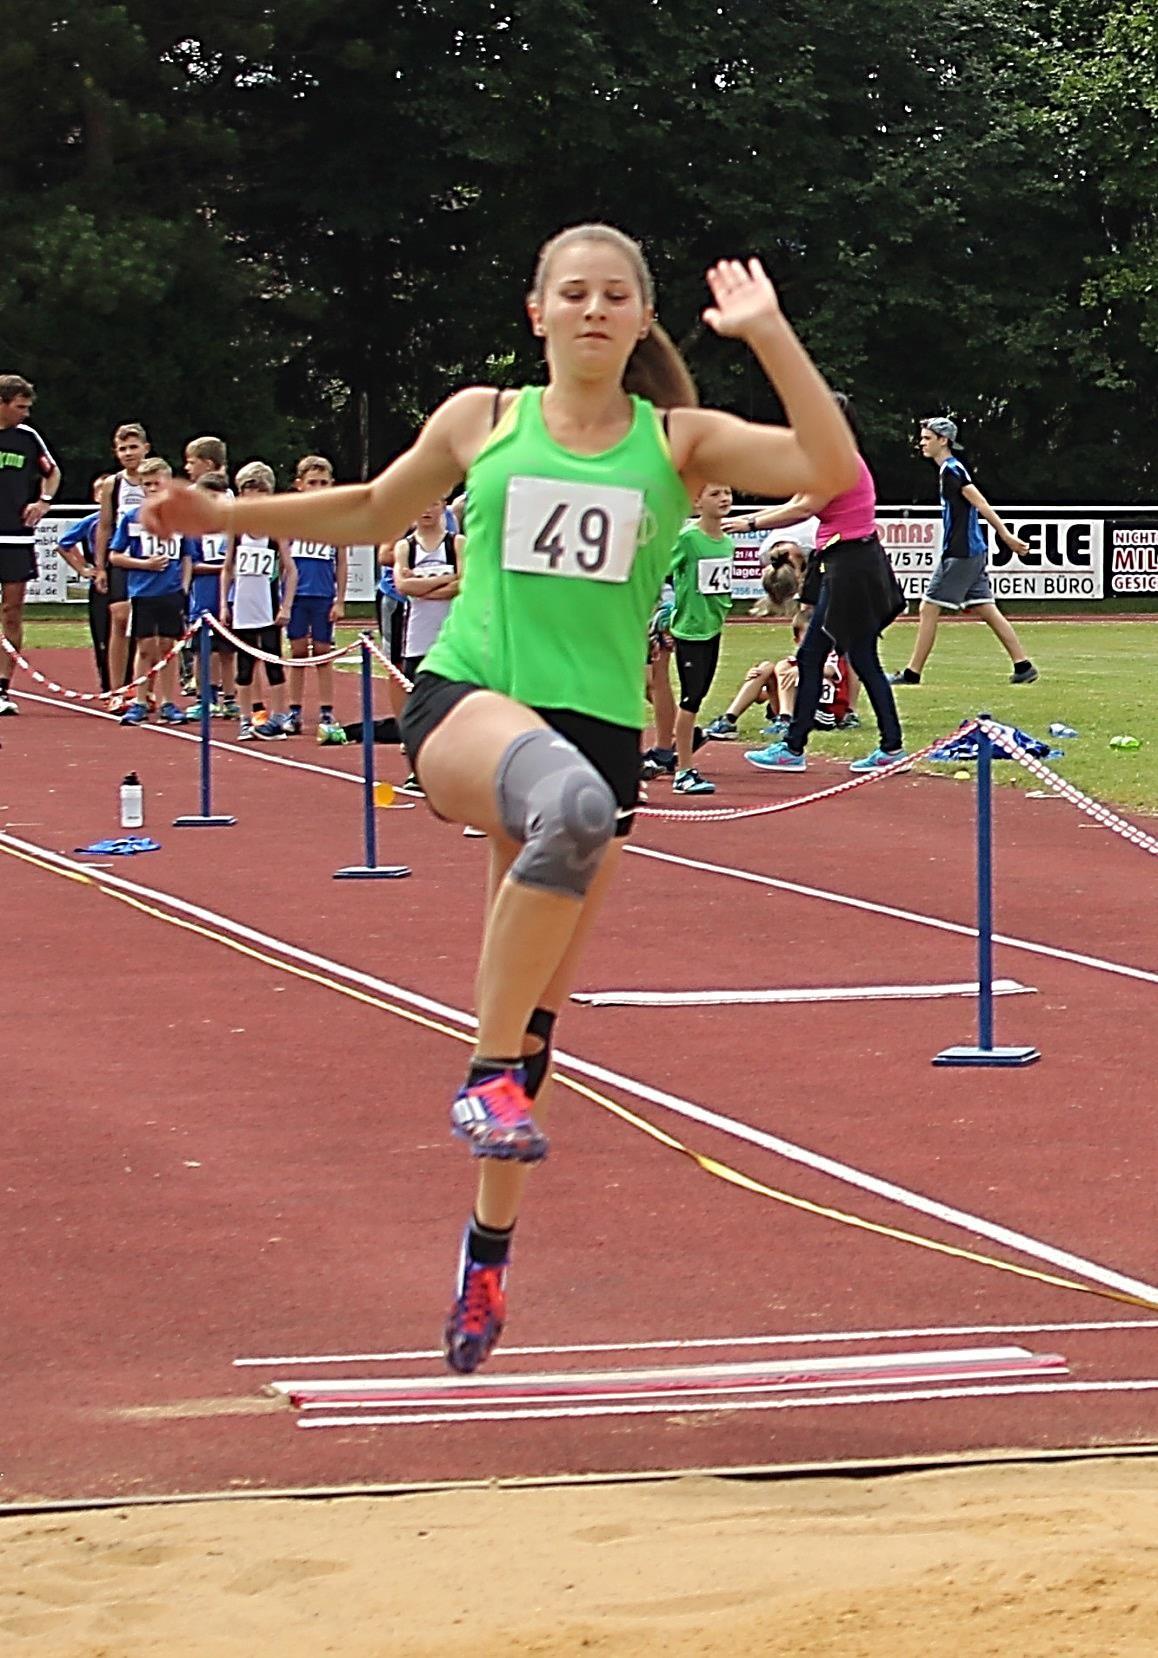 2016 gewann Julia Businger sieben Titel und sechs weitere Medaillen.